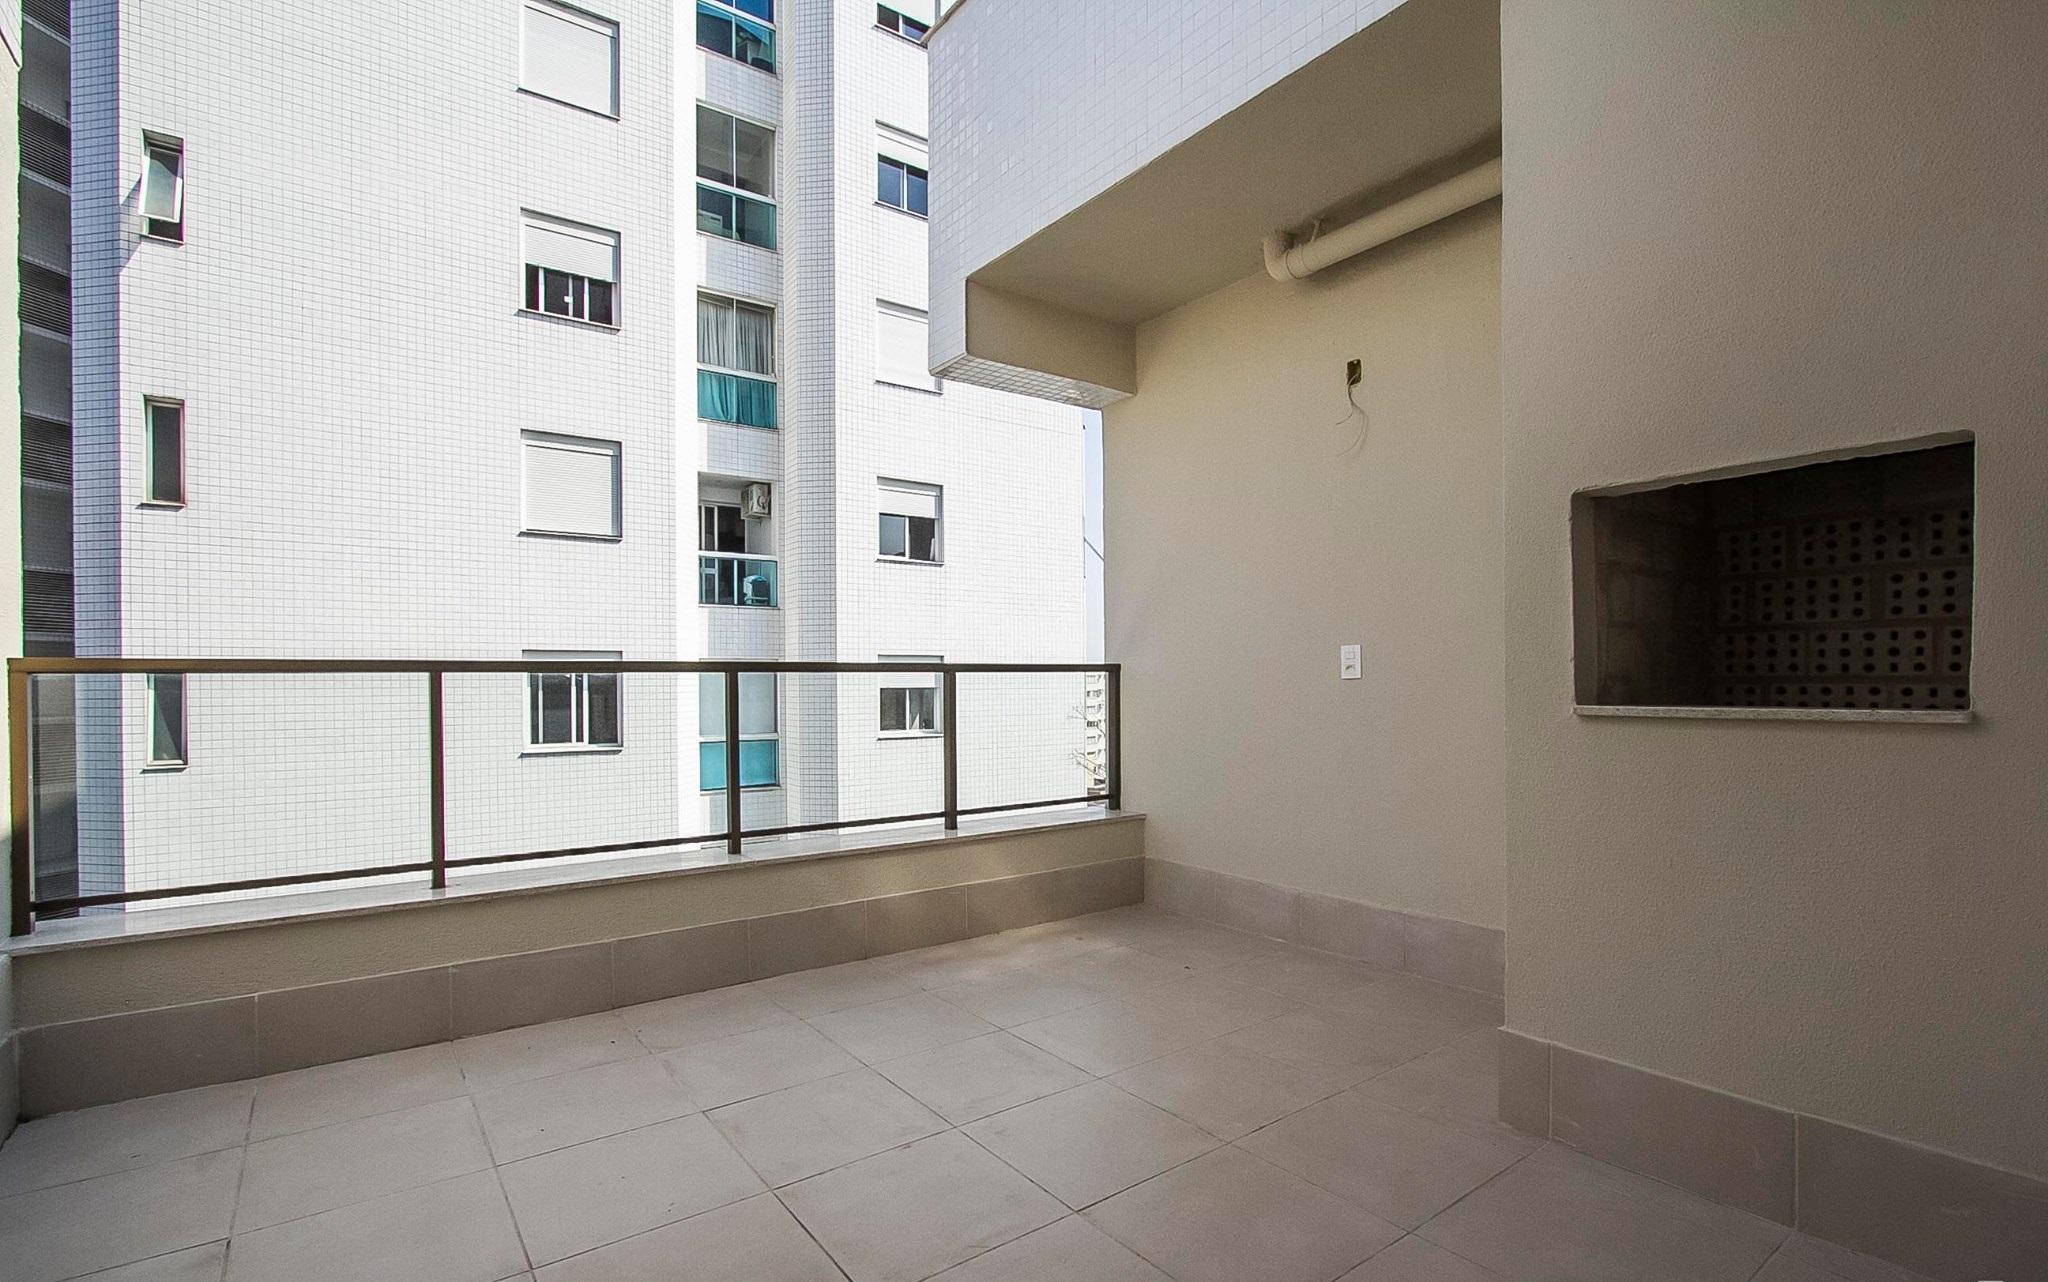 Lafite - Apto 2 Dorm, Rio Branco, Porto Alegre (63480) - Foto 39